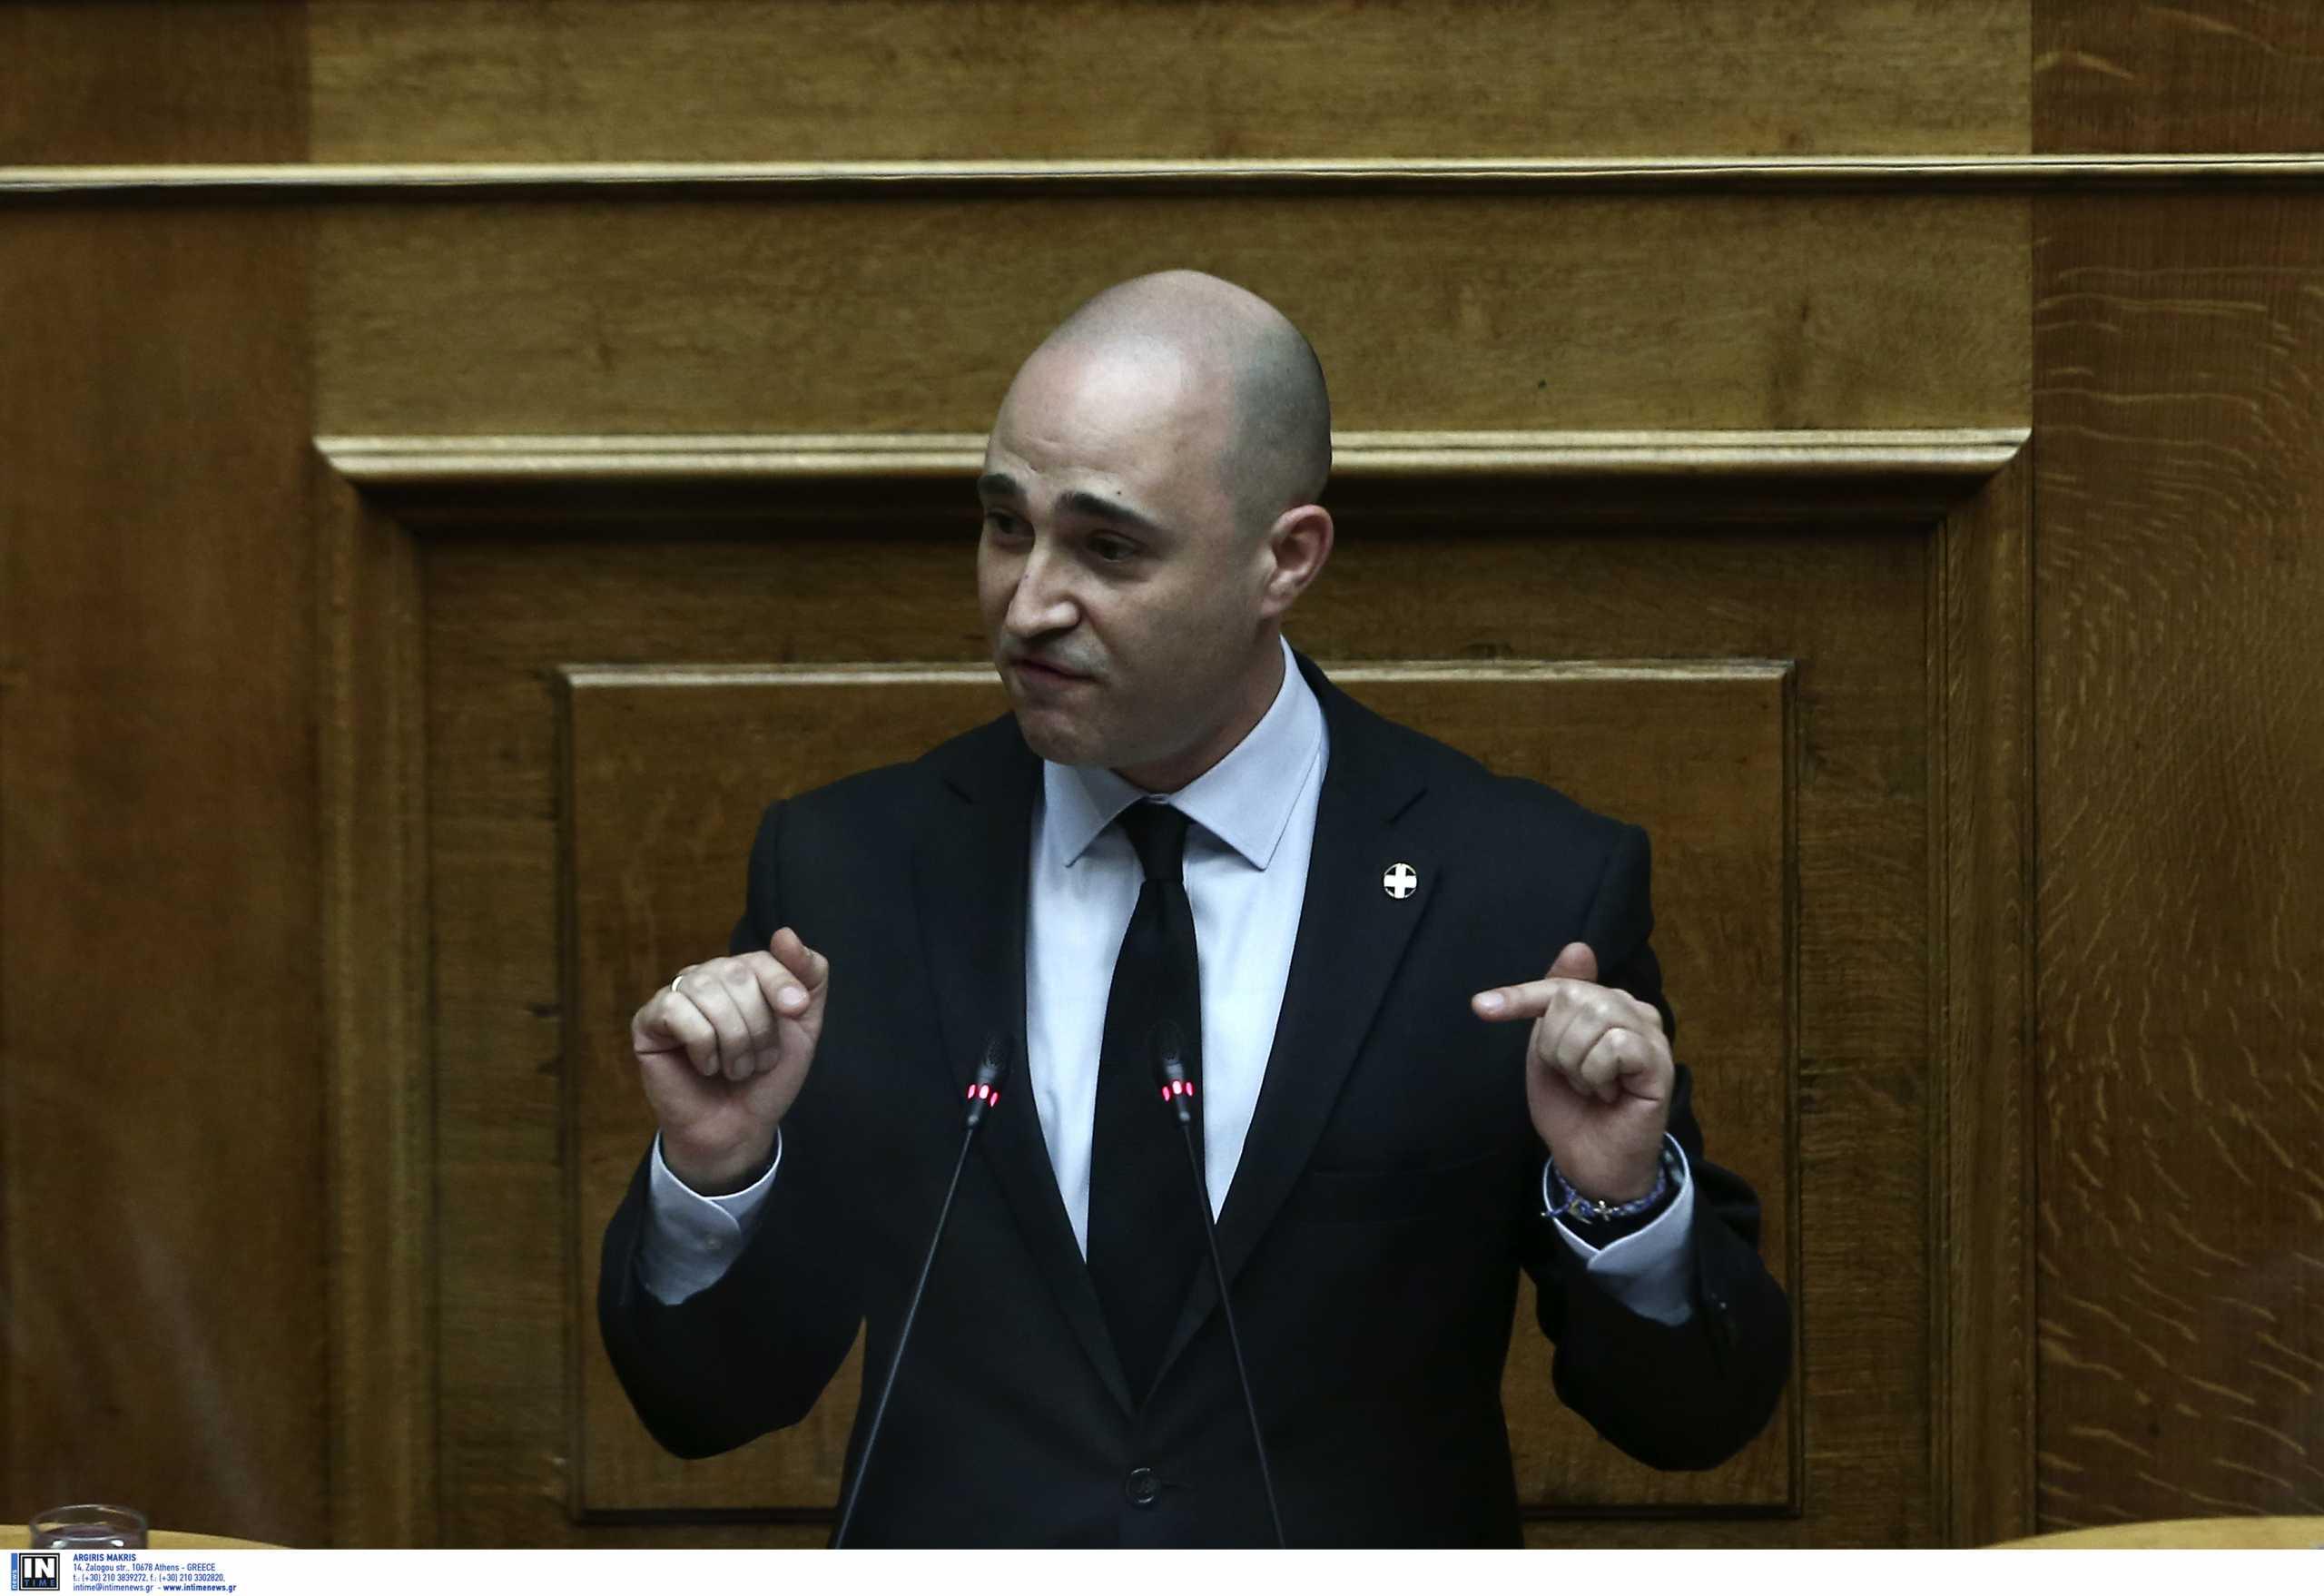 Κωνσταντίνος Μπογδάνος: Ερωτήματα στην ΝΔ για τη νέα πρόκληση που έφερε τη διαγραφή του